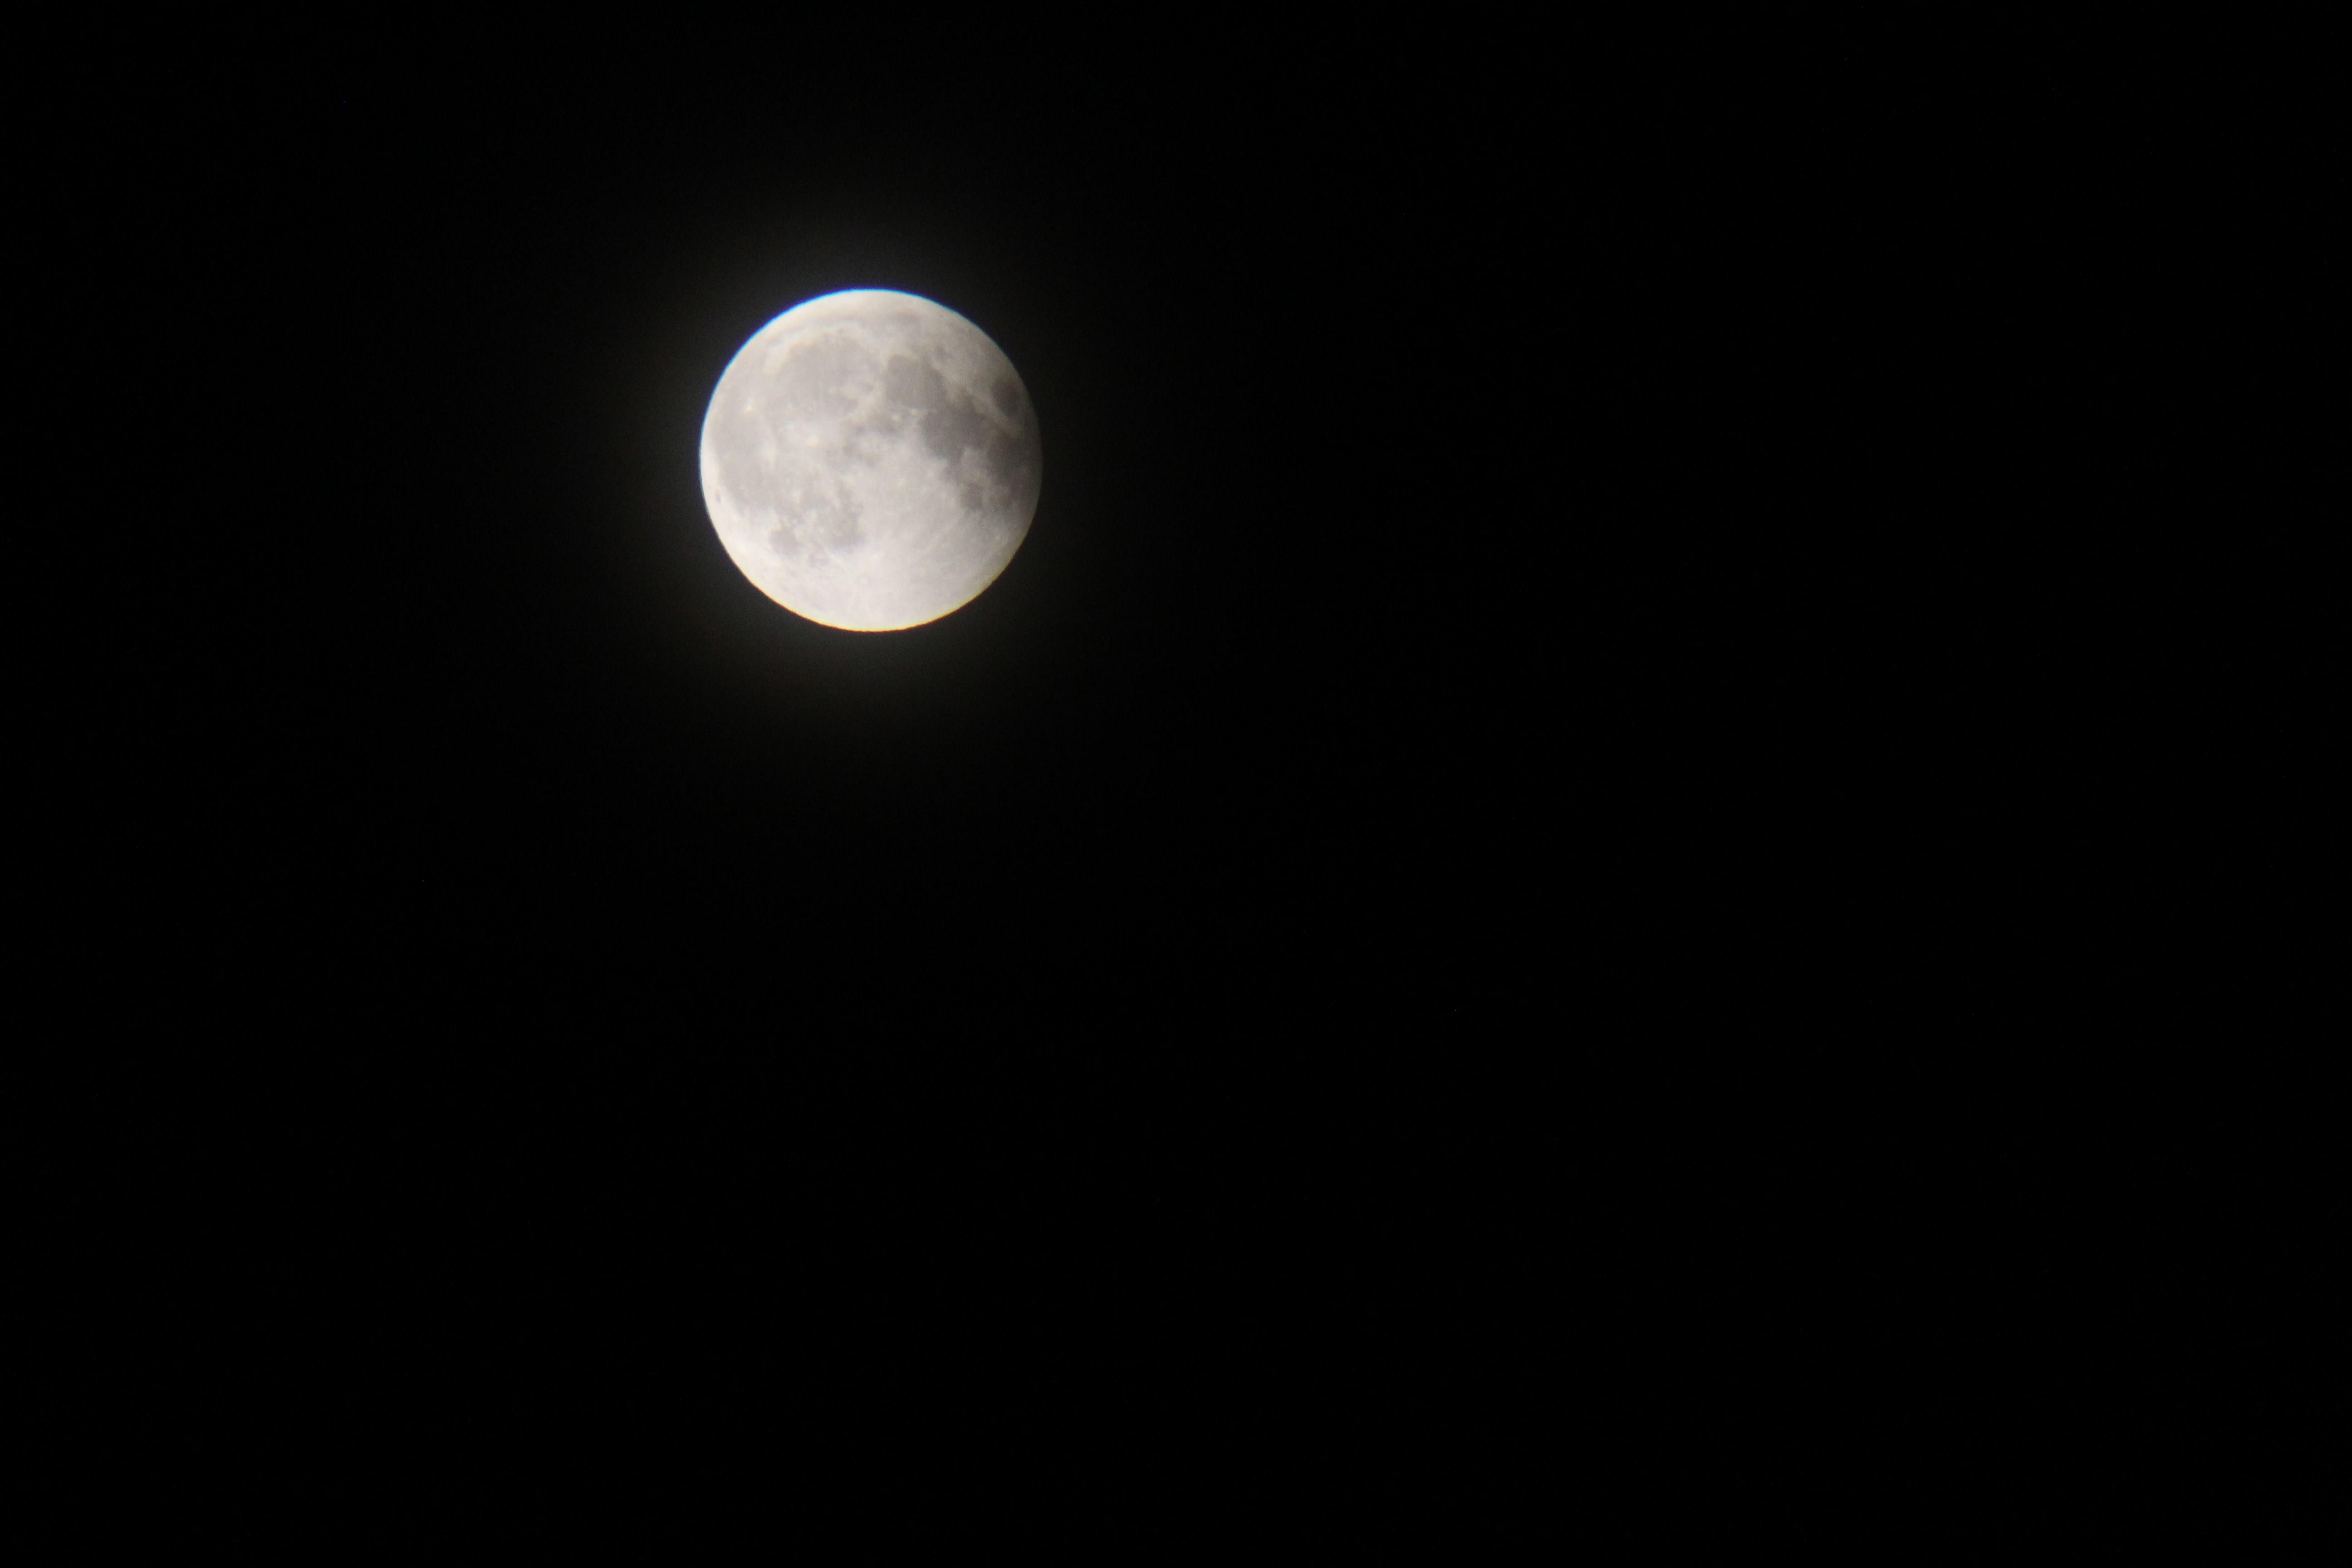 La Lluna ja al final de l'eclipsi parcial captada a pols d'uns prismàtics ( 0:22 ). 1/500 Segonts d'exposició, ISO 1600 i F/5.6.